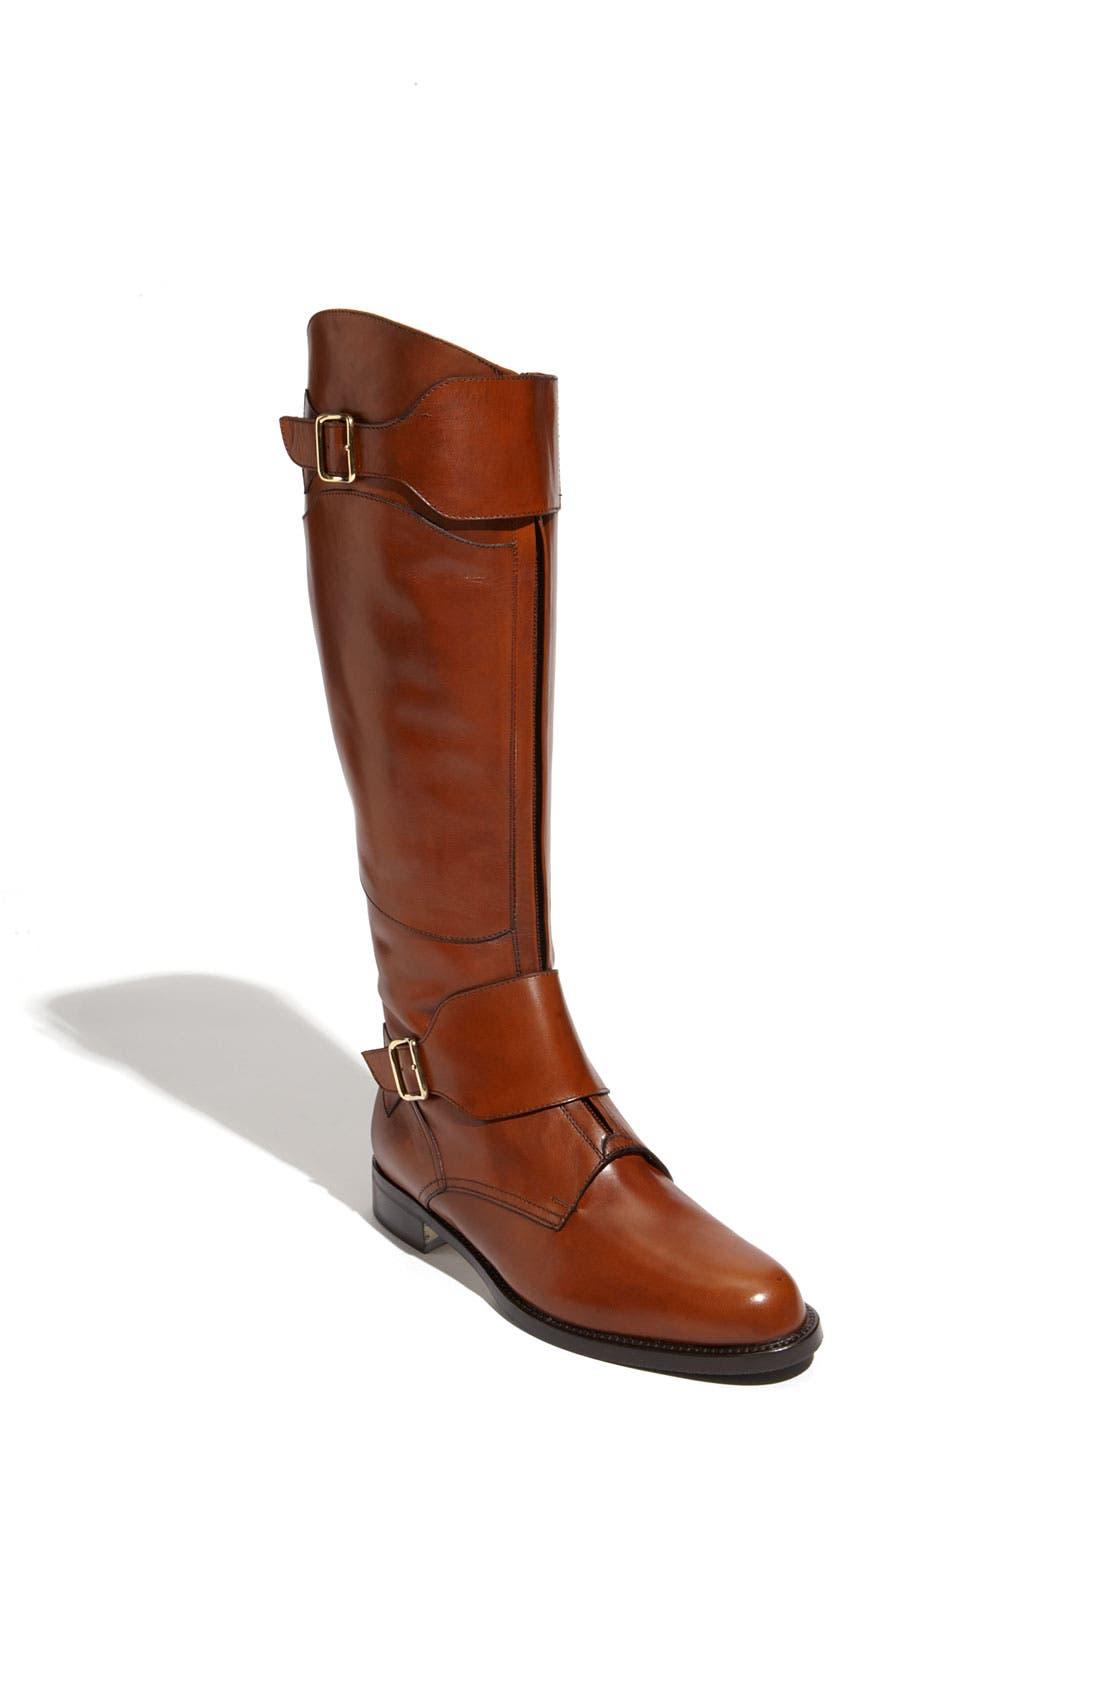 Alternate Image 1 Selected - Ron White 'Deirdre' Boot